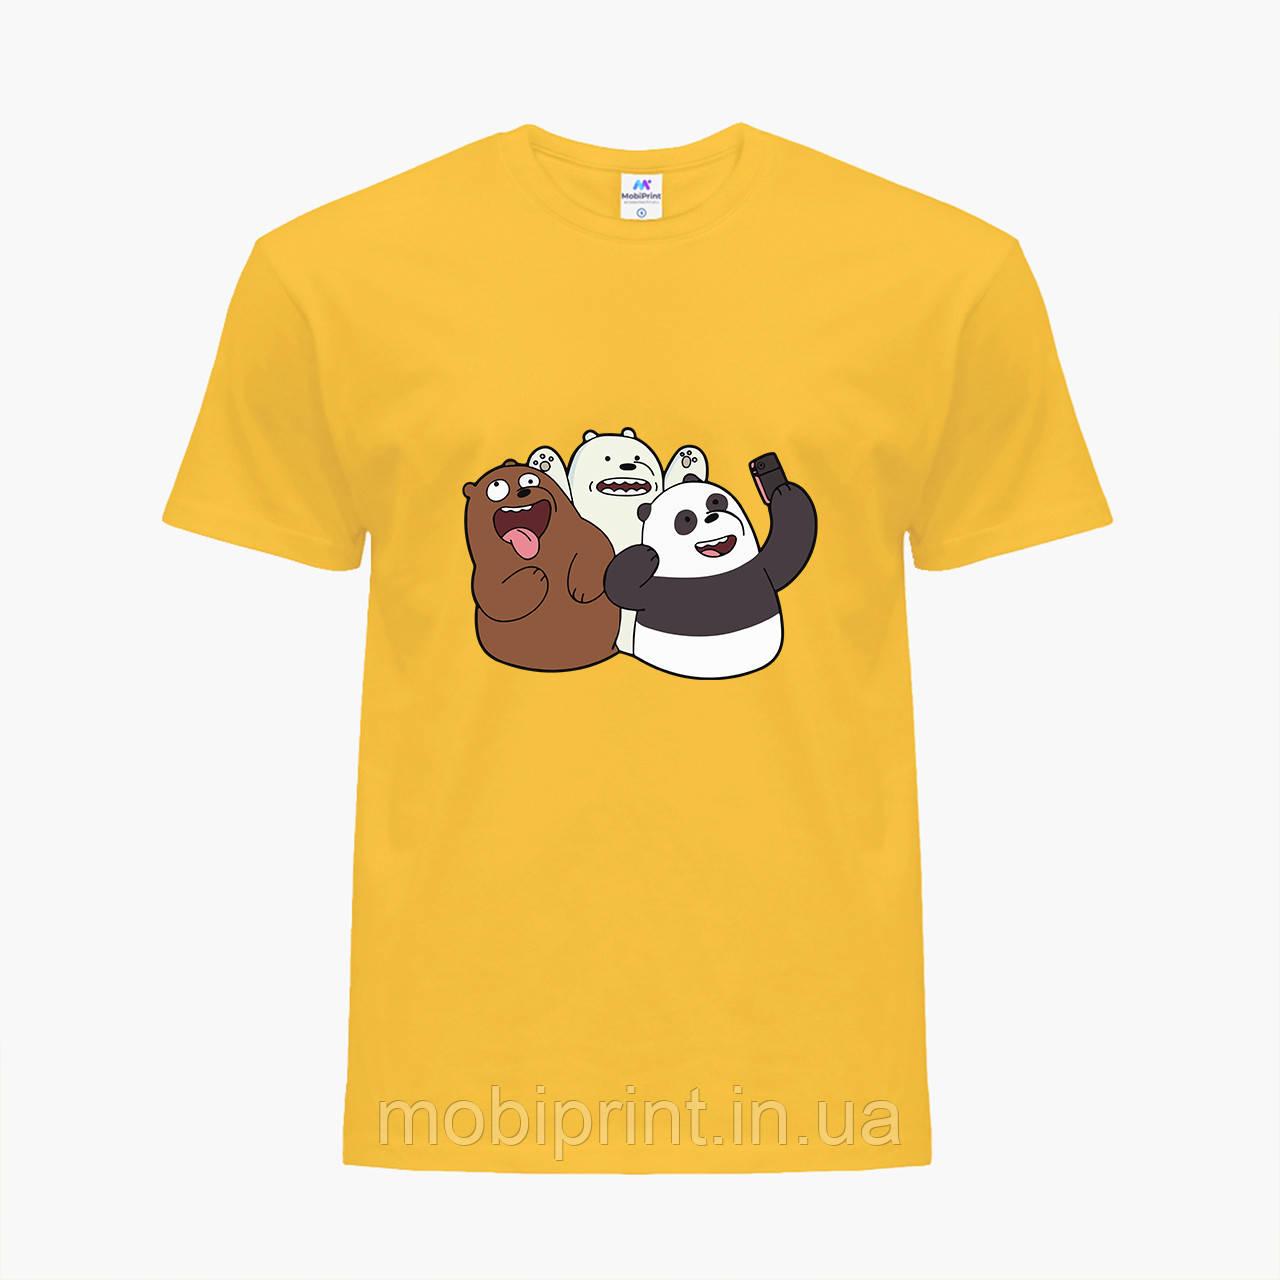 Детская футболка для мальчиков Вся правда о медведях (We Bare Bears) (25186-2665-SY) Желтый